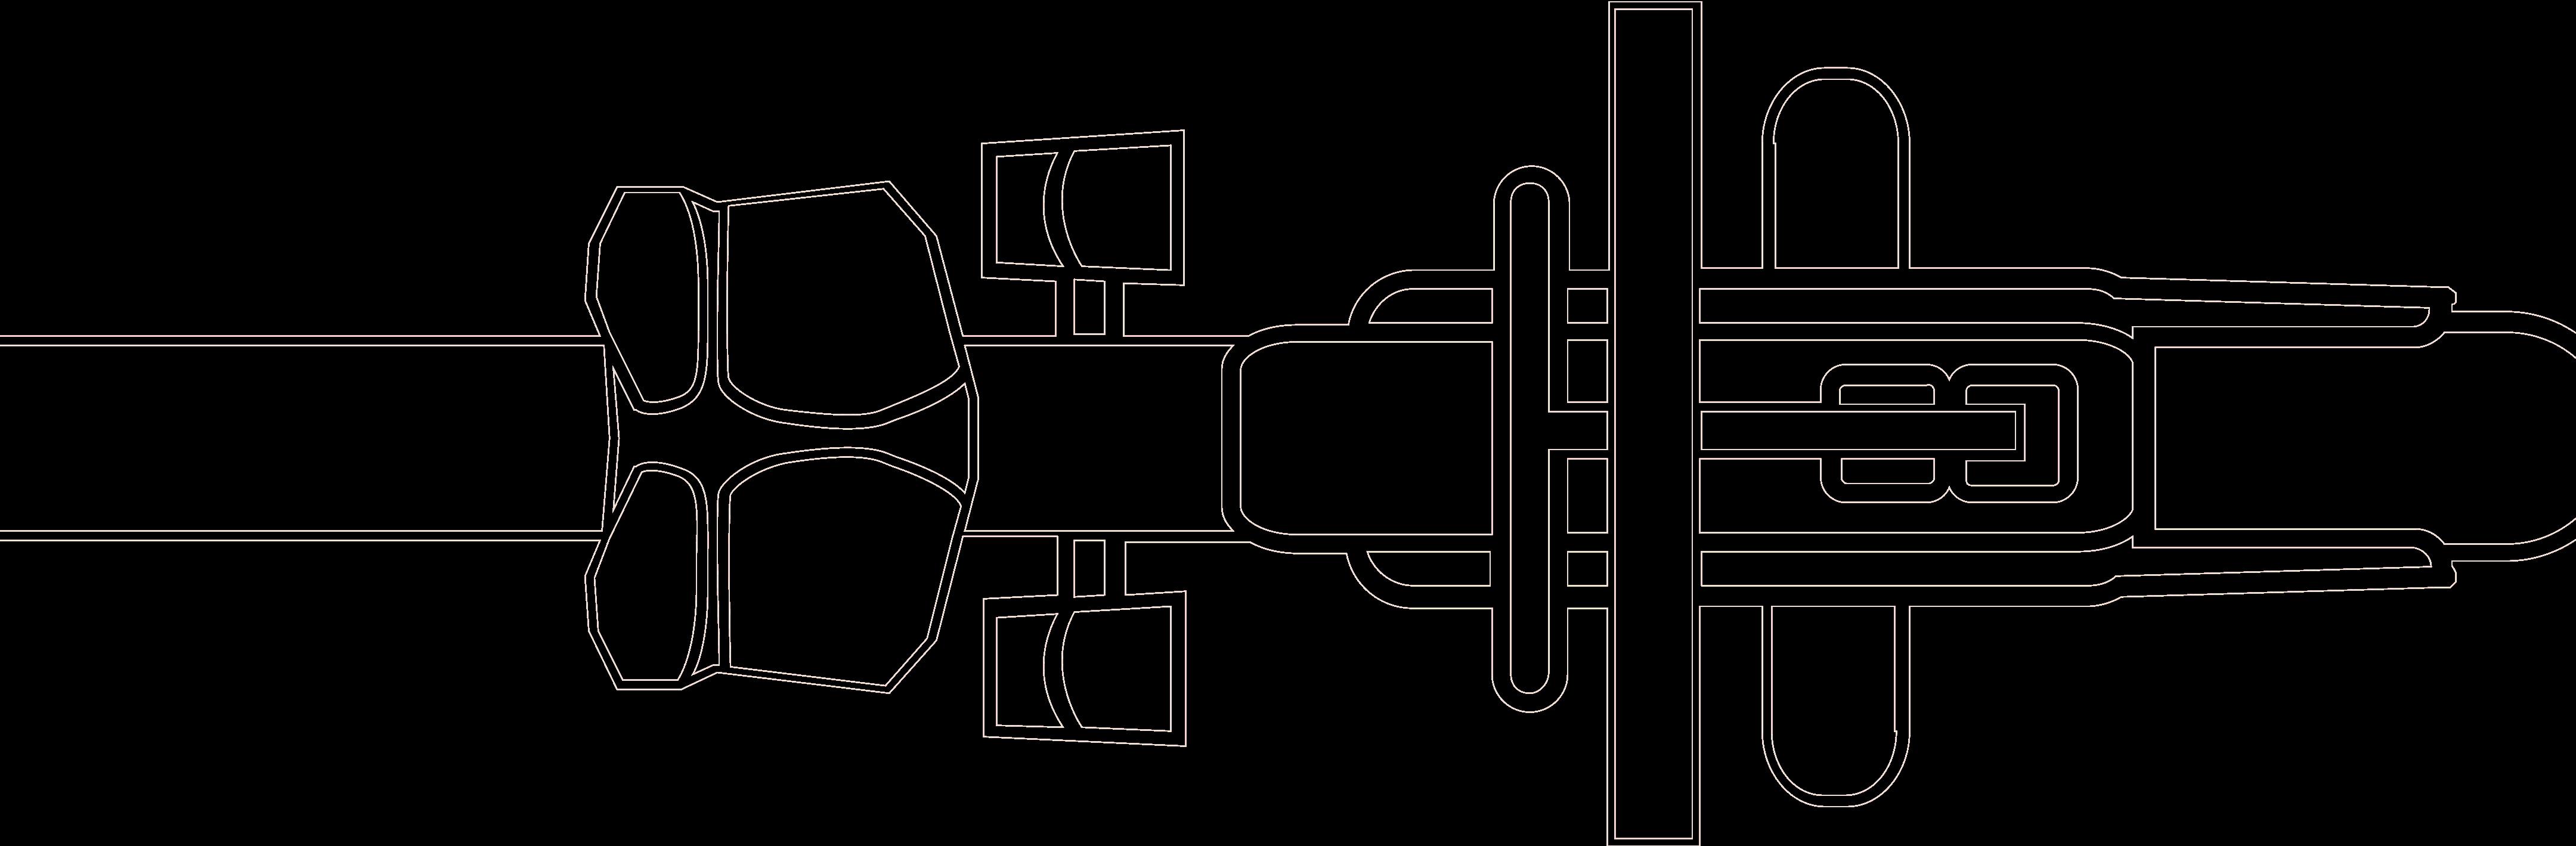 machine-bg